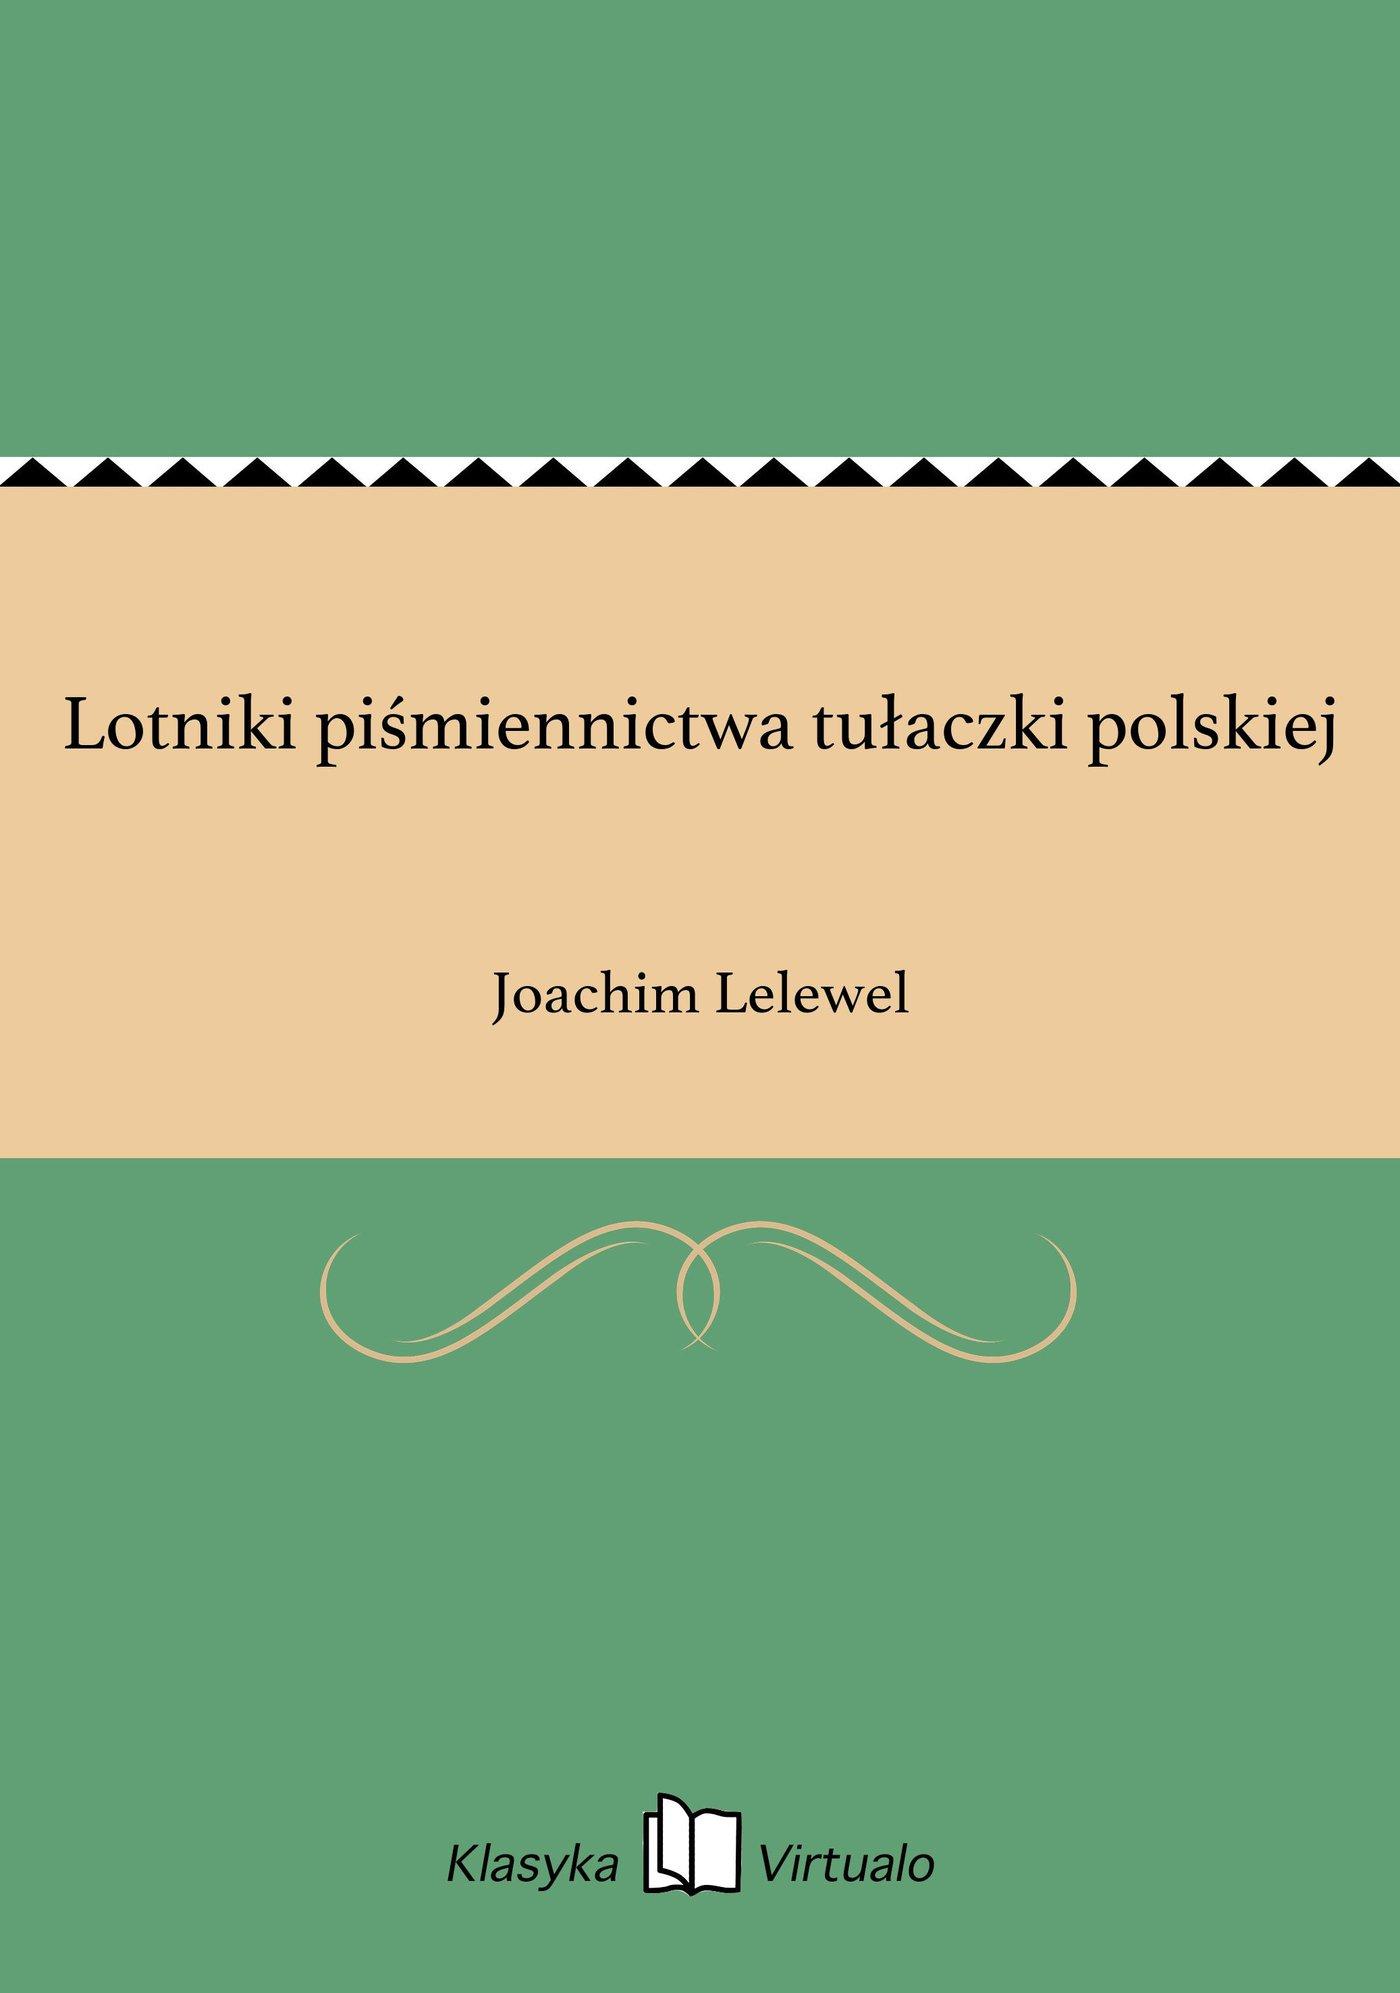 Lotniki piśmiennictwa tułaczki polskiej - Ebook (Książka na Kindle) do pobrania w formacie MOBI